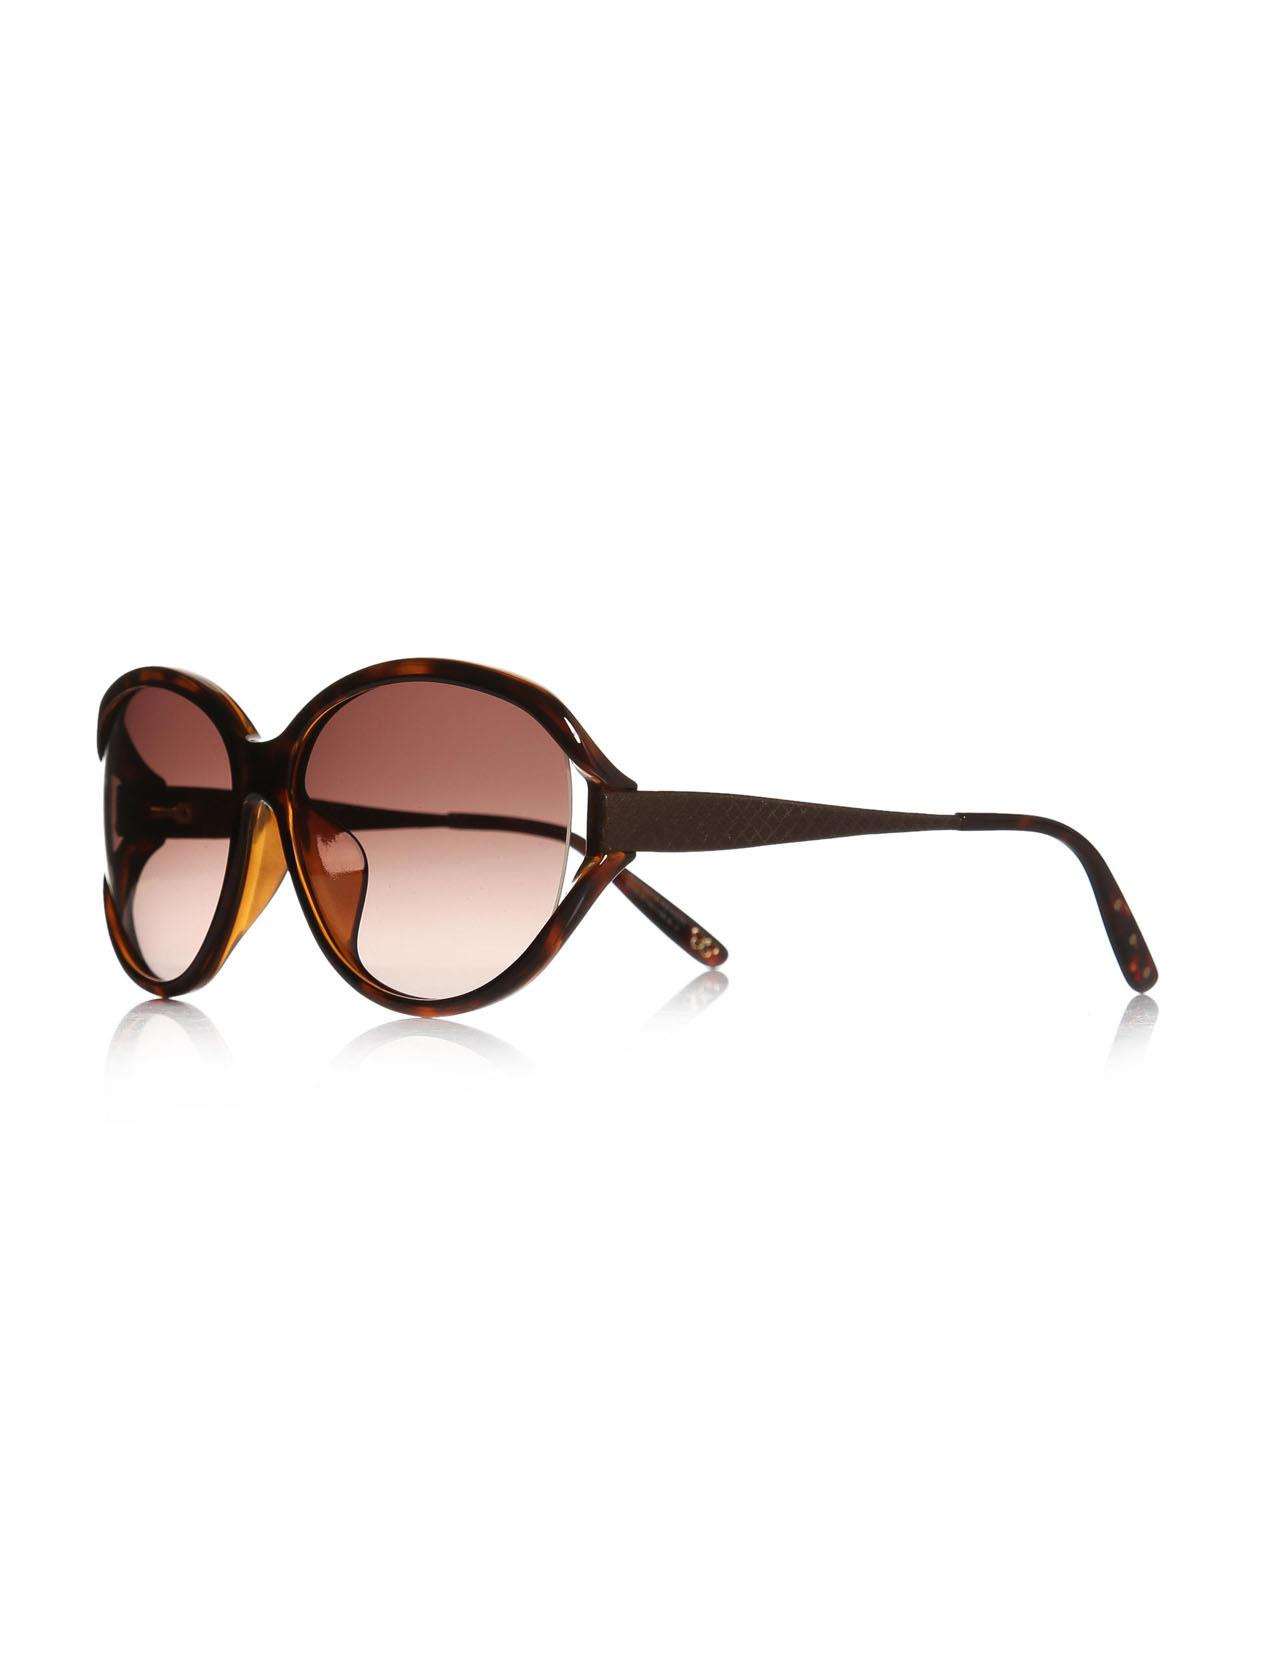 Women's sunglasses b.v 288/f/s cpc 63 v6 bone Brown organic oval aval 63-16-135 bottega veneta